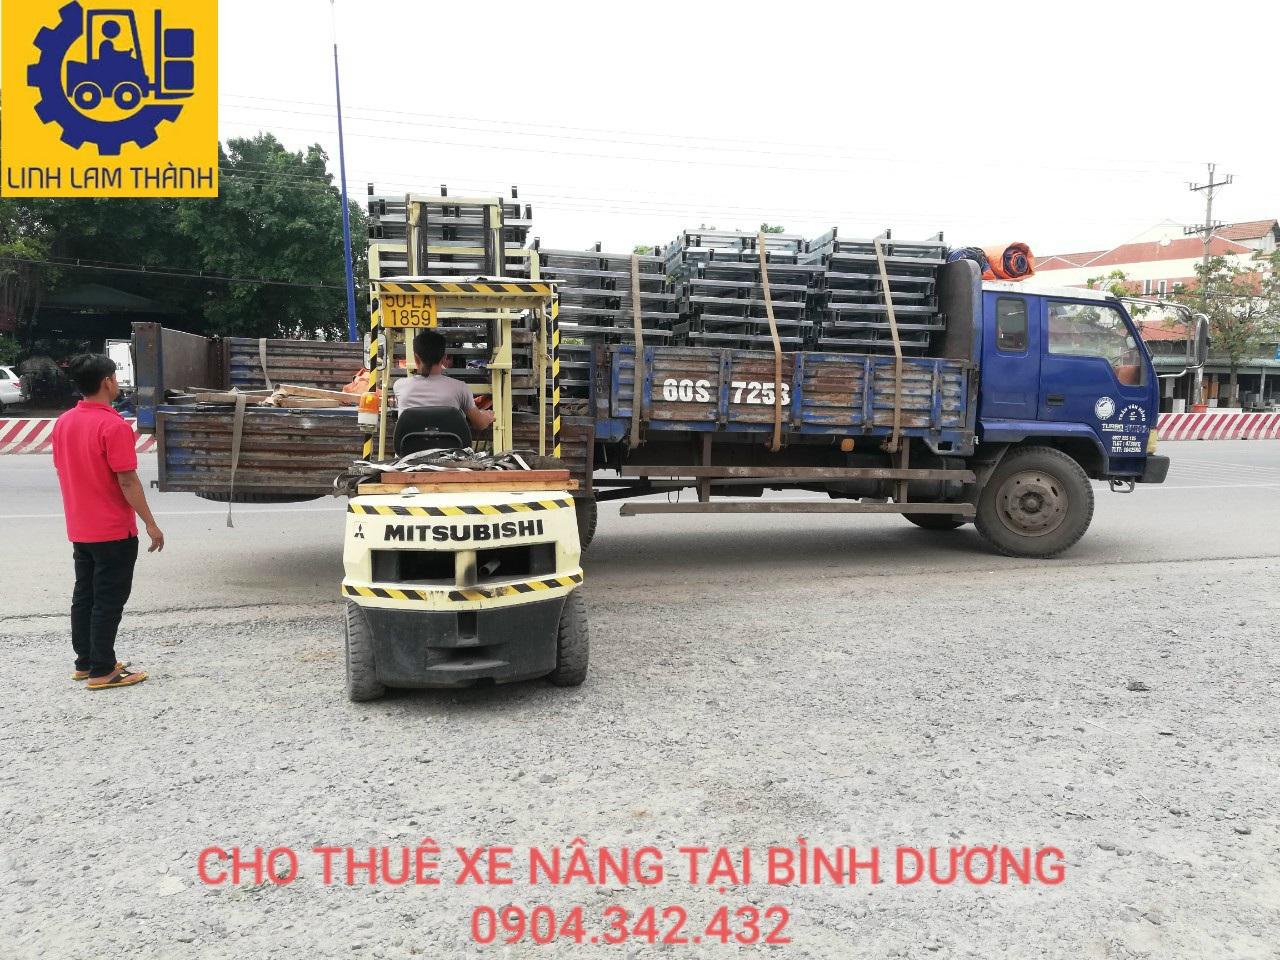 Xuống Công Dây Điện Bột Keo Tại Việt Hương.